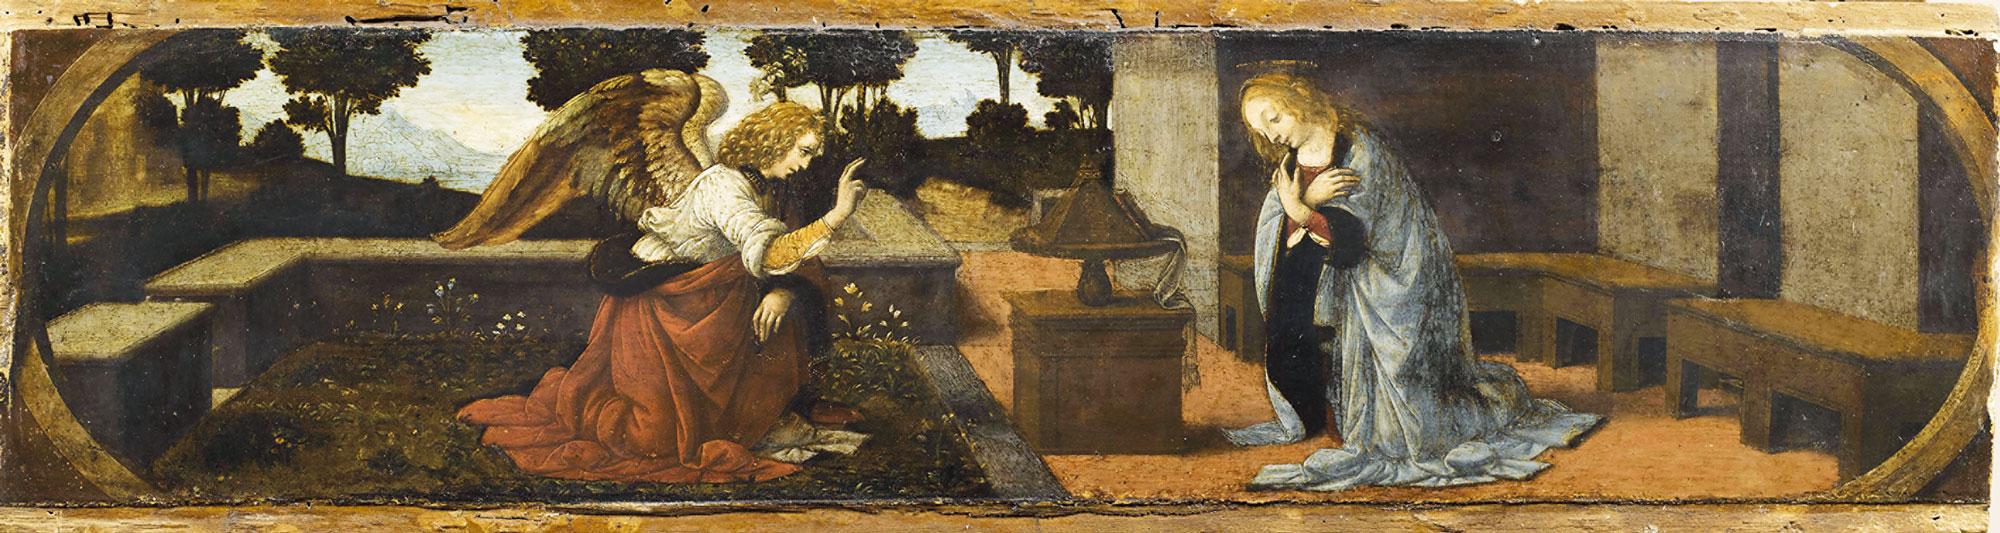 Leonardo da Vinci (e Lorenzo di Credi?) - Annunciazione olio su tavola di pioppo, anno 1478-1480 circa, 16x60 cm. Parigi, Musée du Louvre, Département des Peintures, già in Collezione Campana, Roma, entrato al Louvre nel 1863